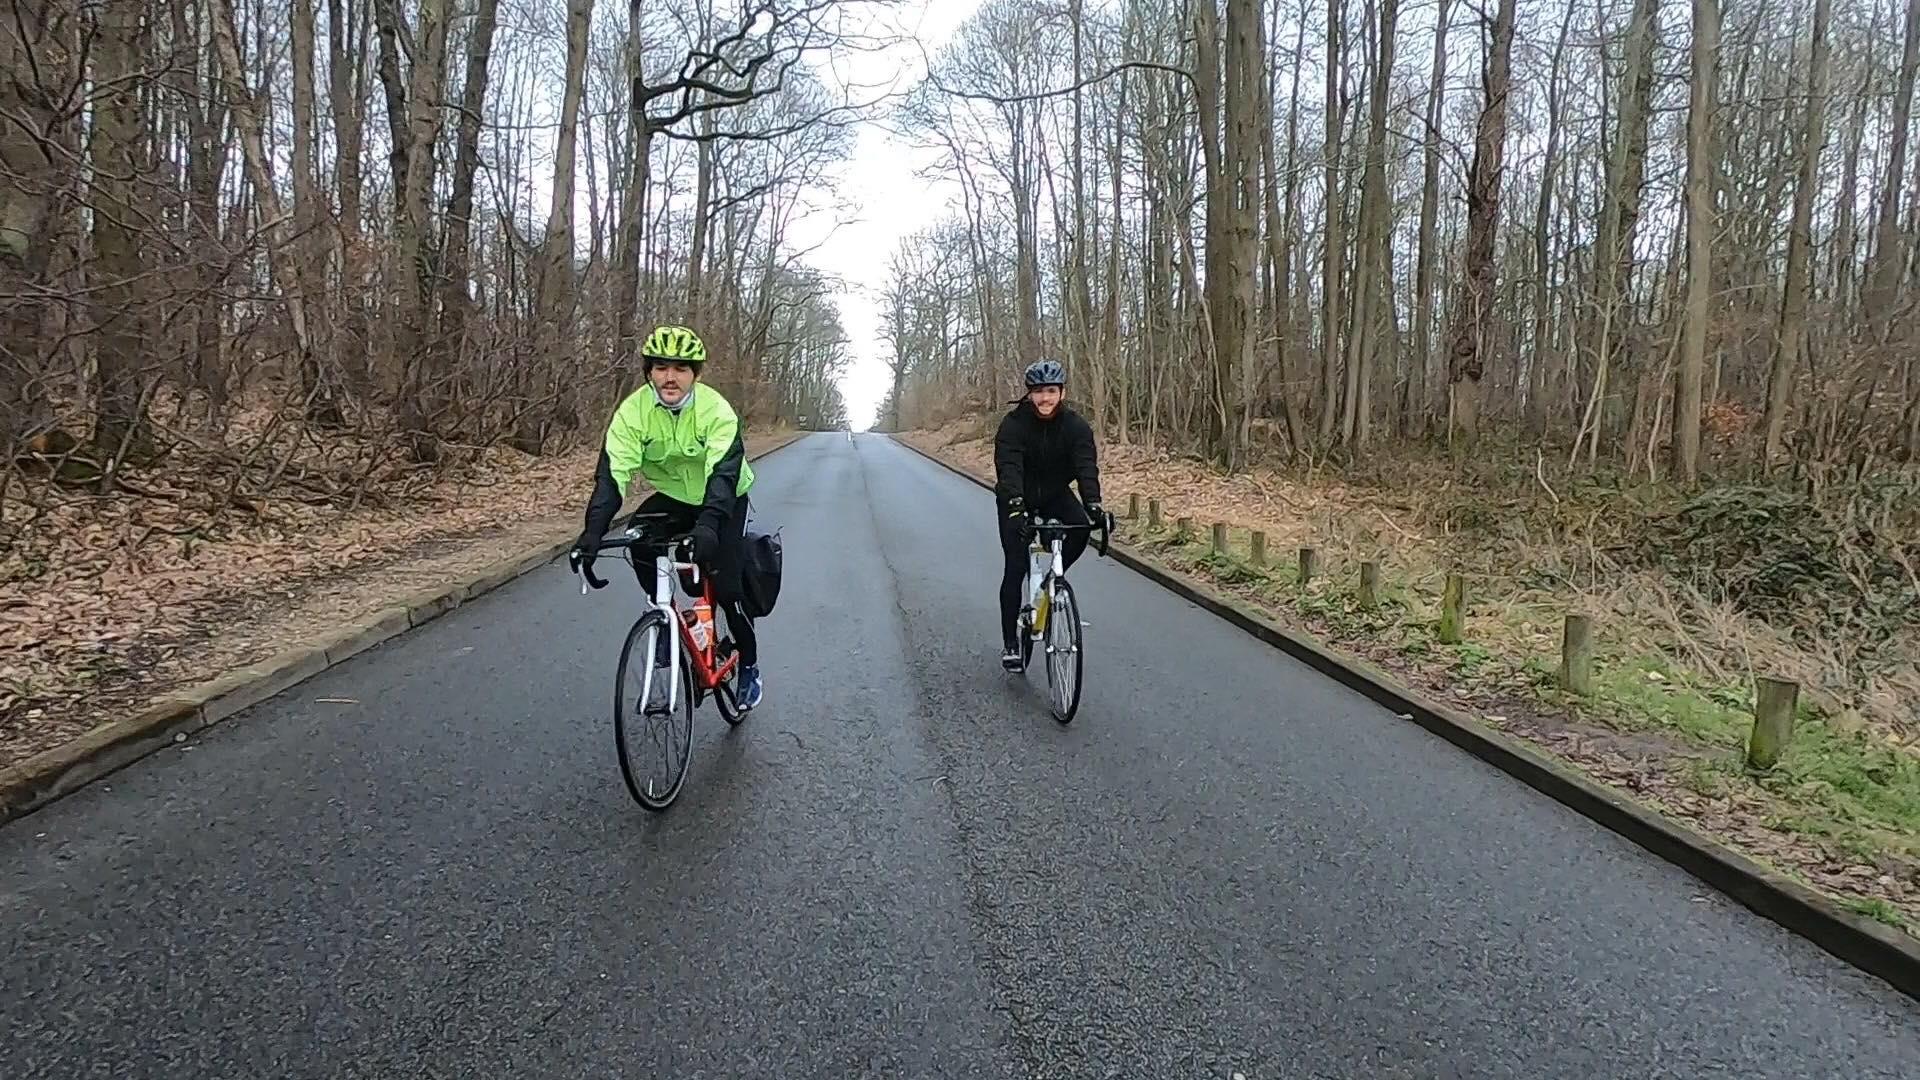 Le Tour'ecyclable Economie Circulaire, où comment découvrir, à vélo, des entreprises engagées !